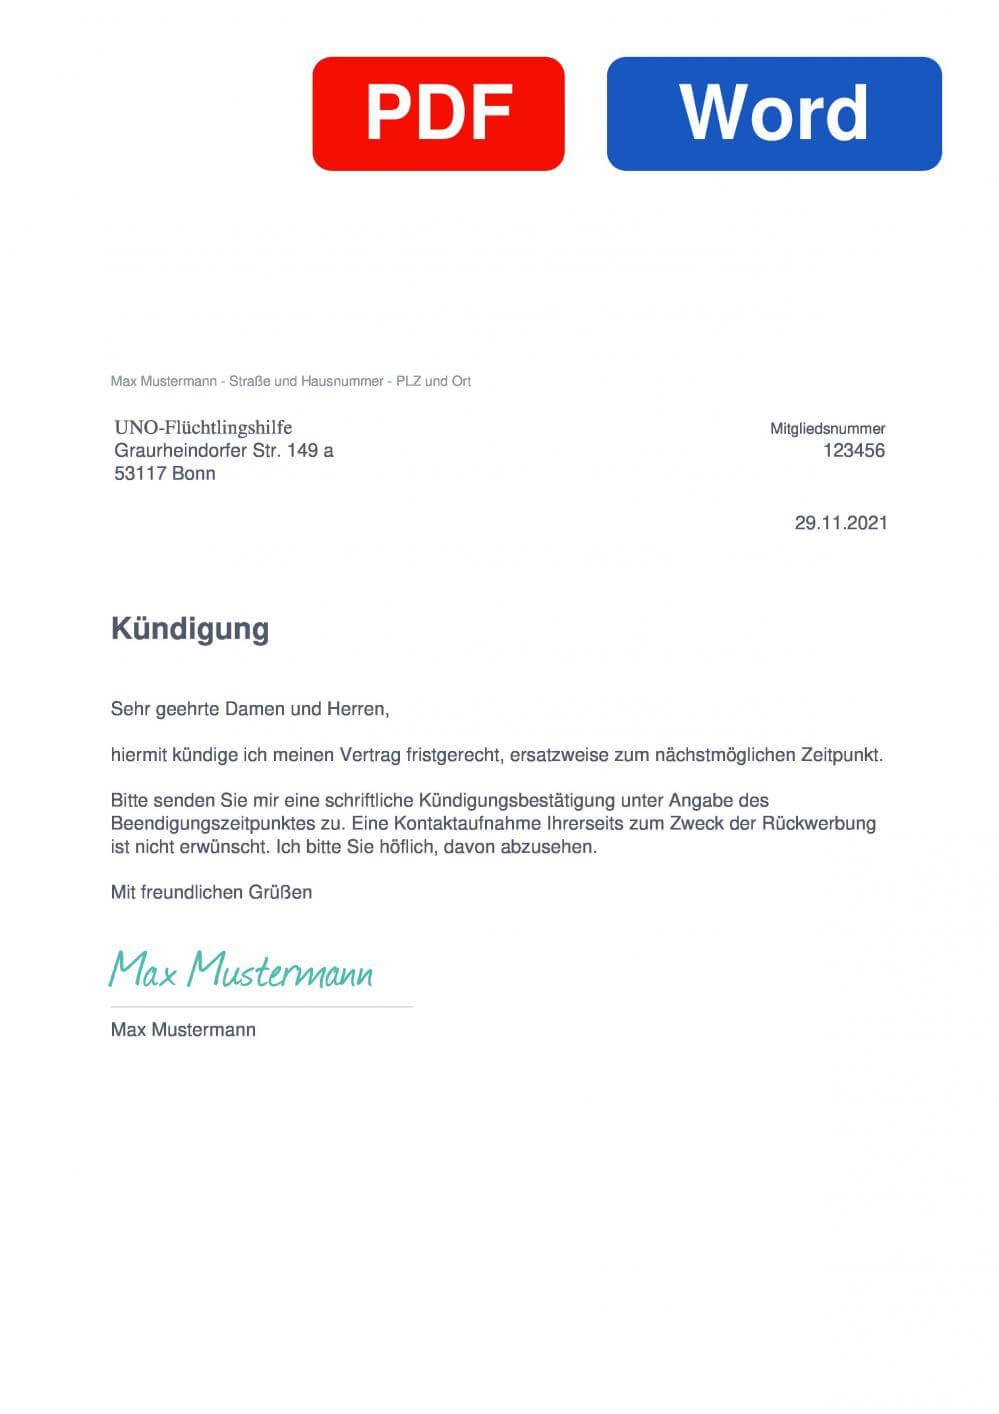 UNO-Flüchtlingshilfe Muster Vorlage für Kündigungsschreiben